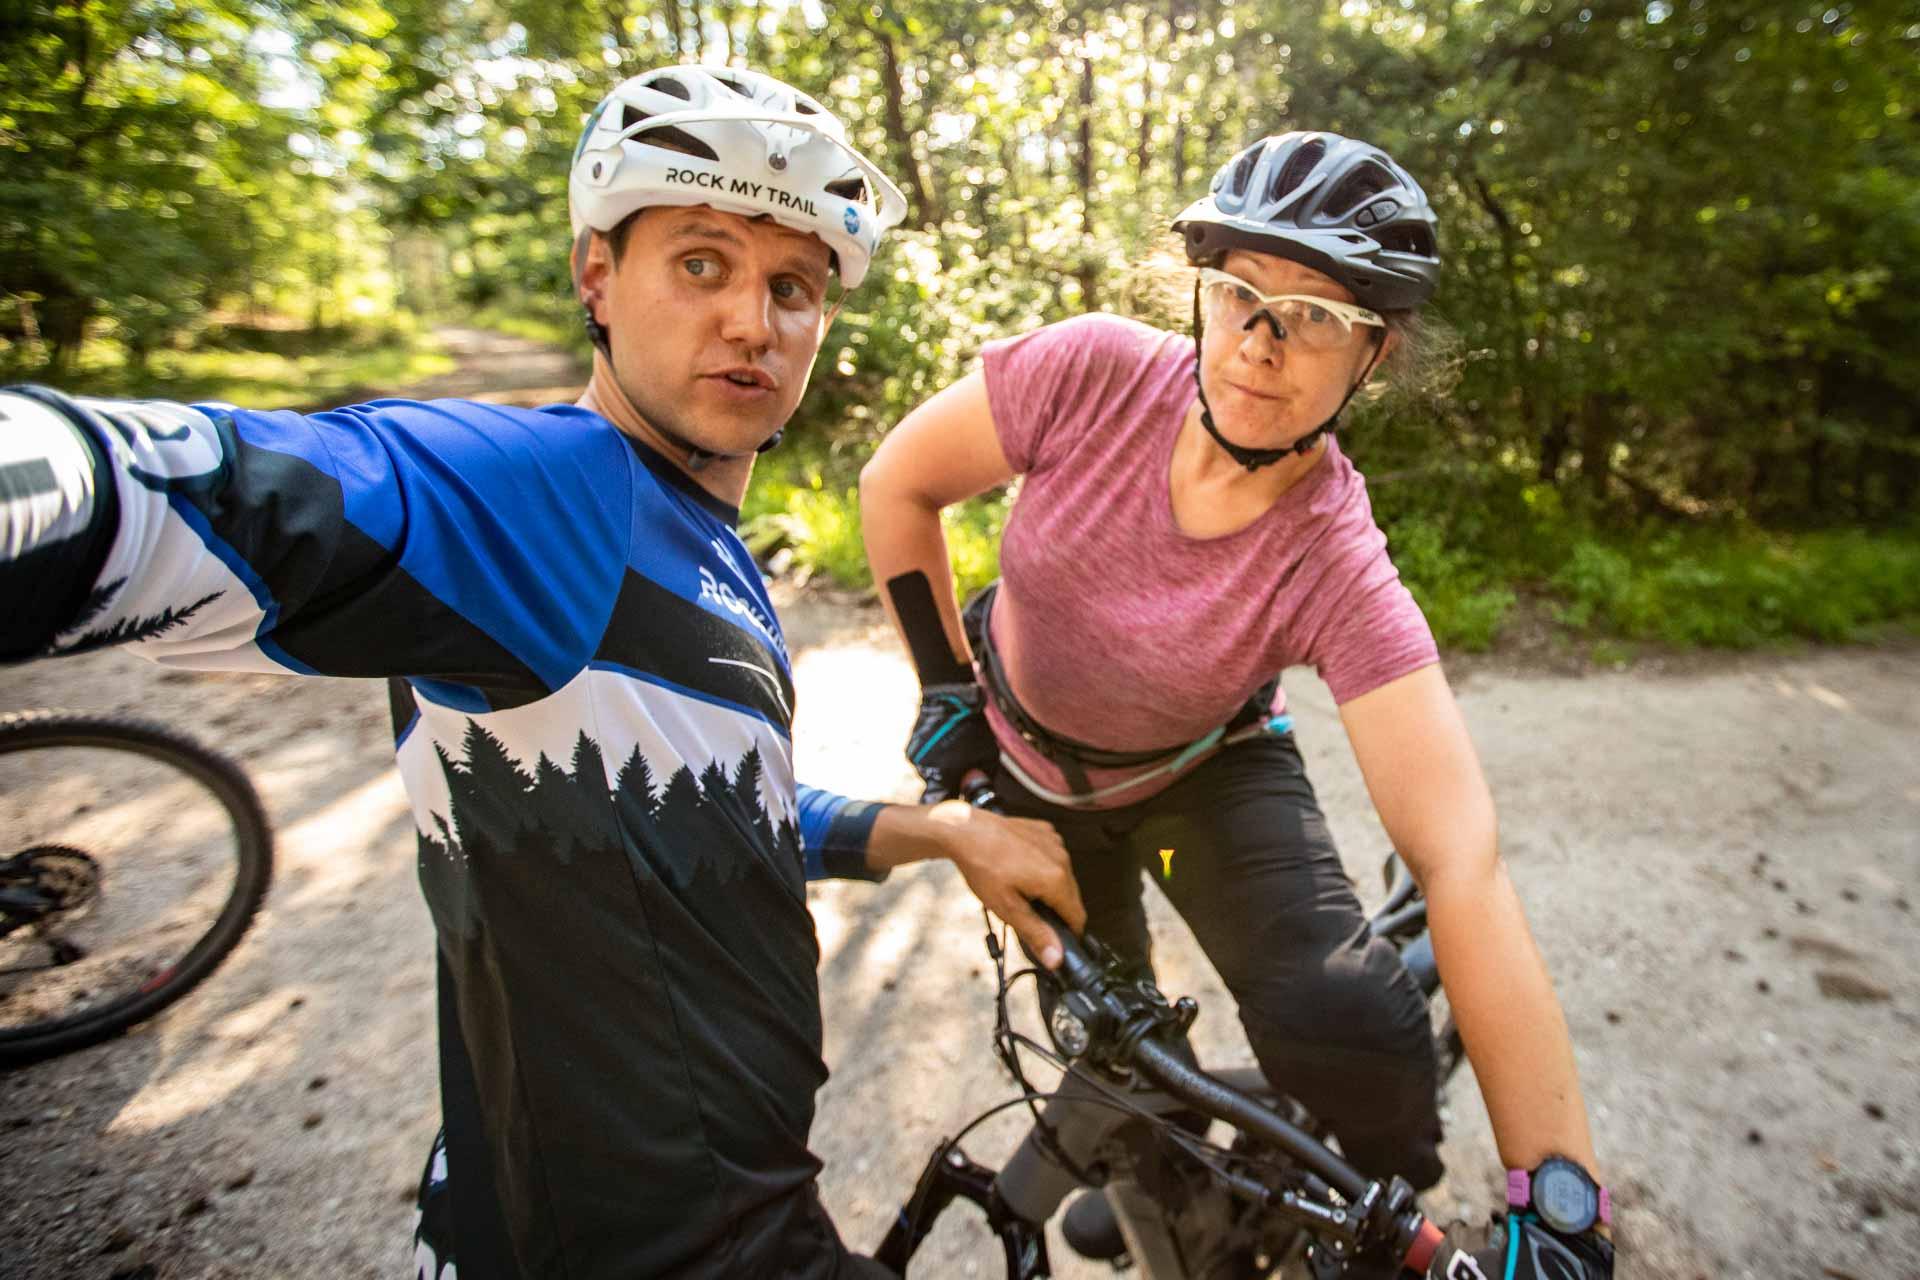 MTB Fahrtechnik Kurs für Einsteiger in Bad Orb   Spessart - Mountainbike Basic - Rock my Trail Bikeschule - 30